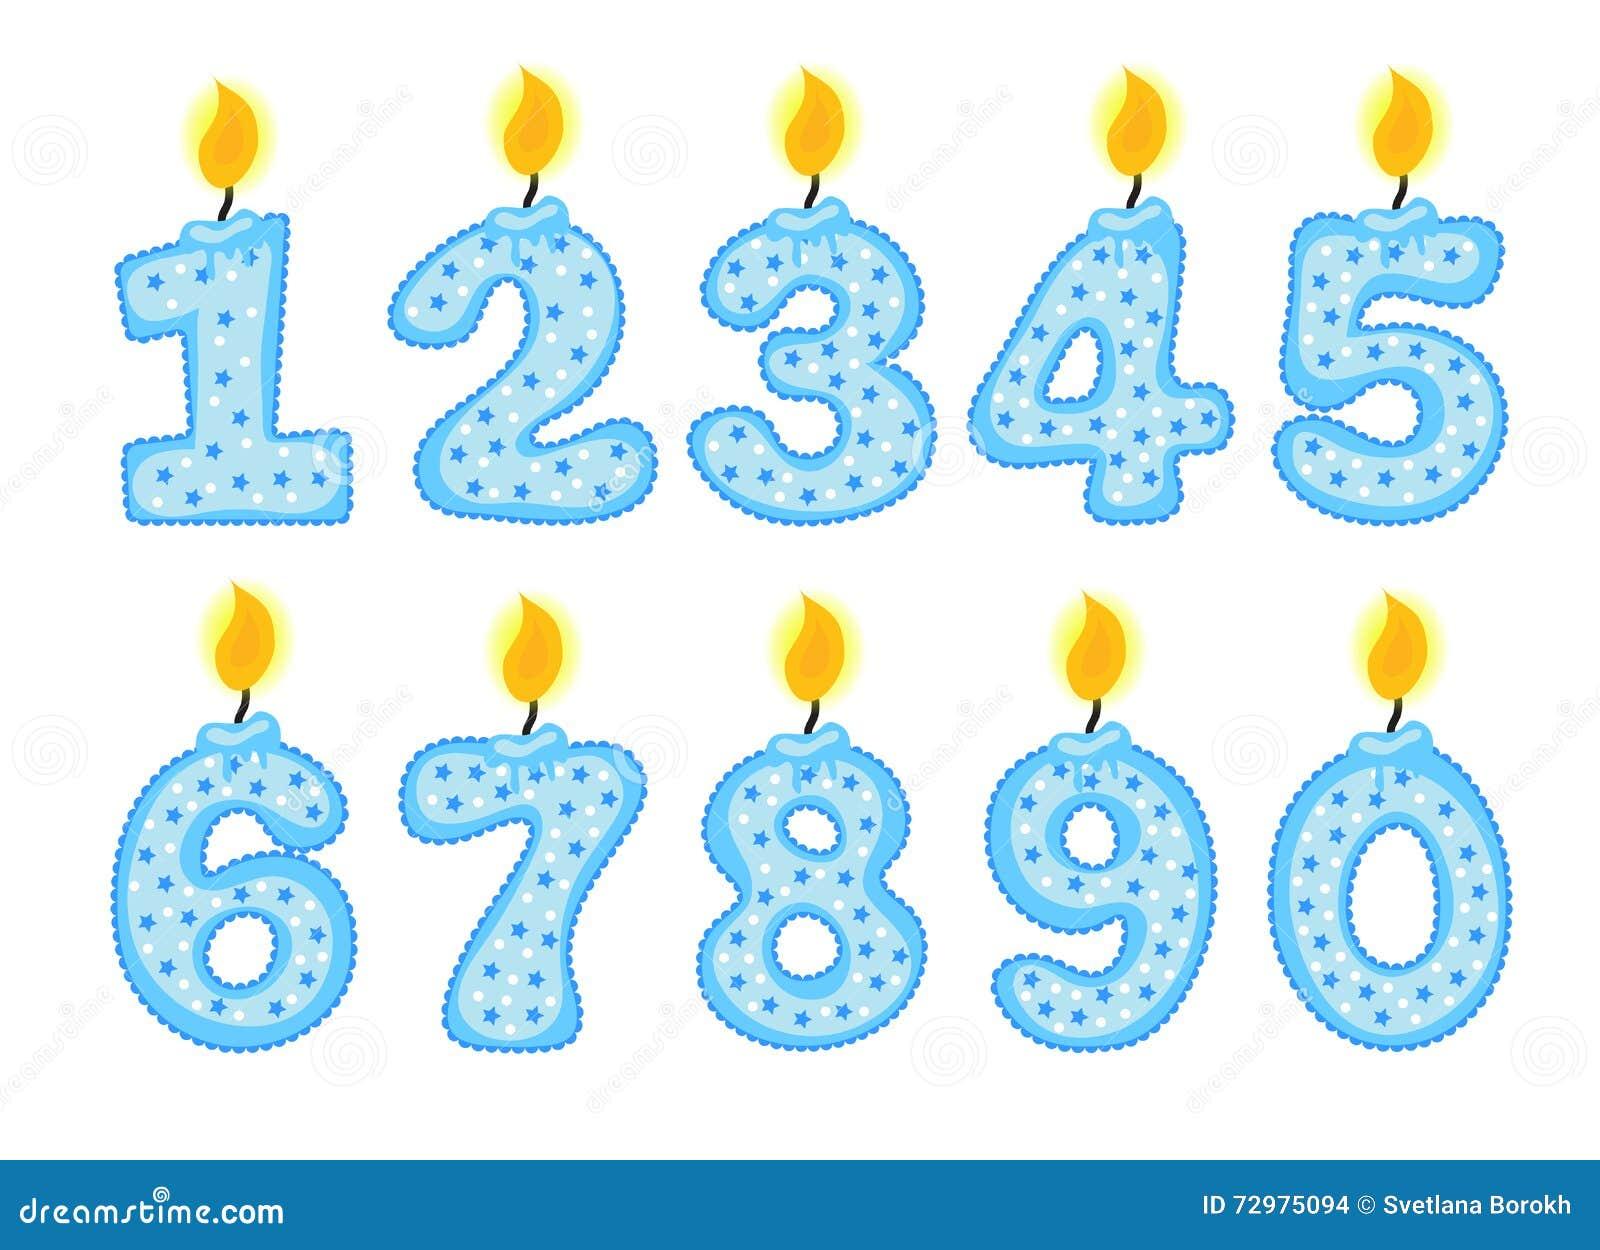 Świeczki liczby set, ilustracja urodzinowe świeczki na białym tle,